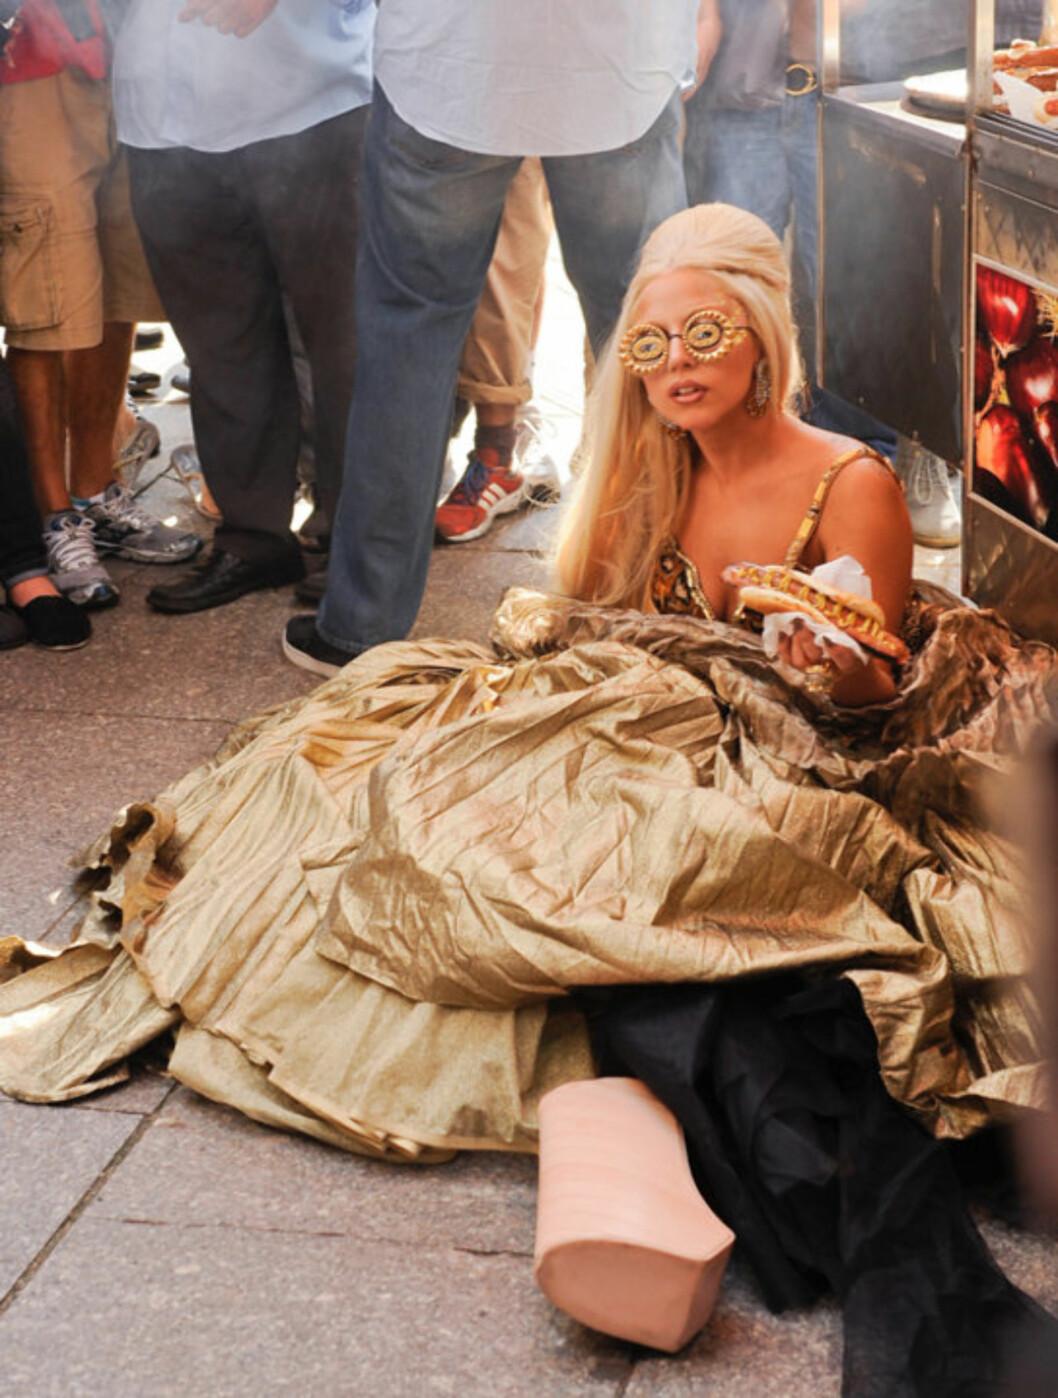 <strong>PØLSEPAUSE:</strong> Heldigvis for Lady Gaga fikk hun også sitte litt på rumpa under Annie Leibovitz-fotograferingen.   Foto: All Over Press